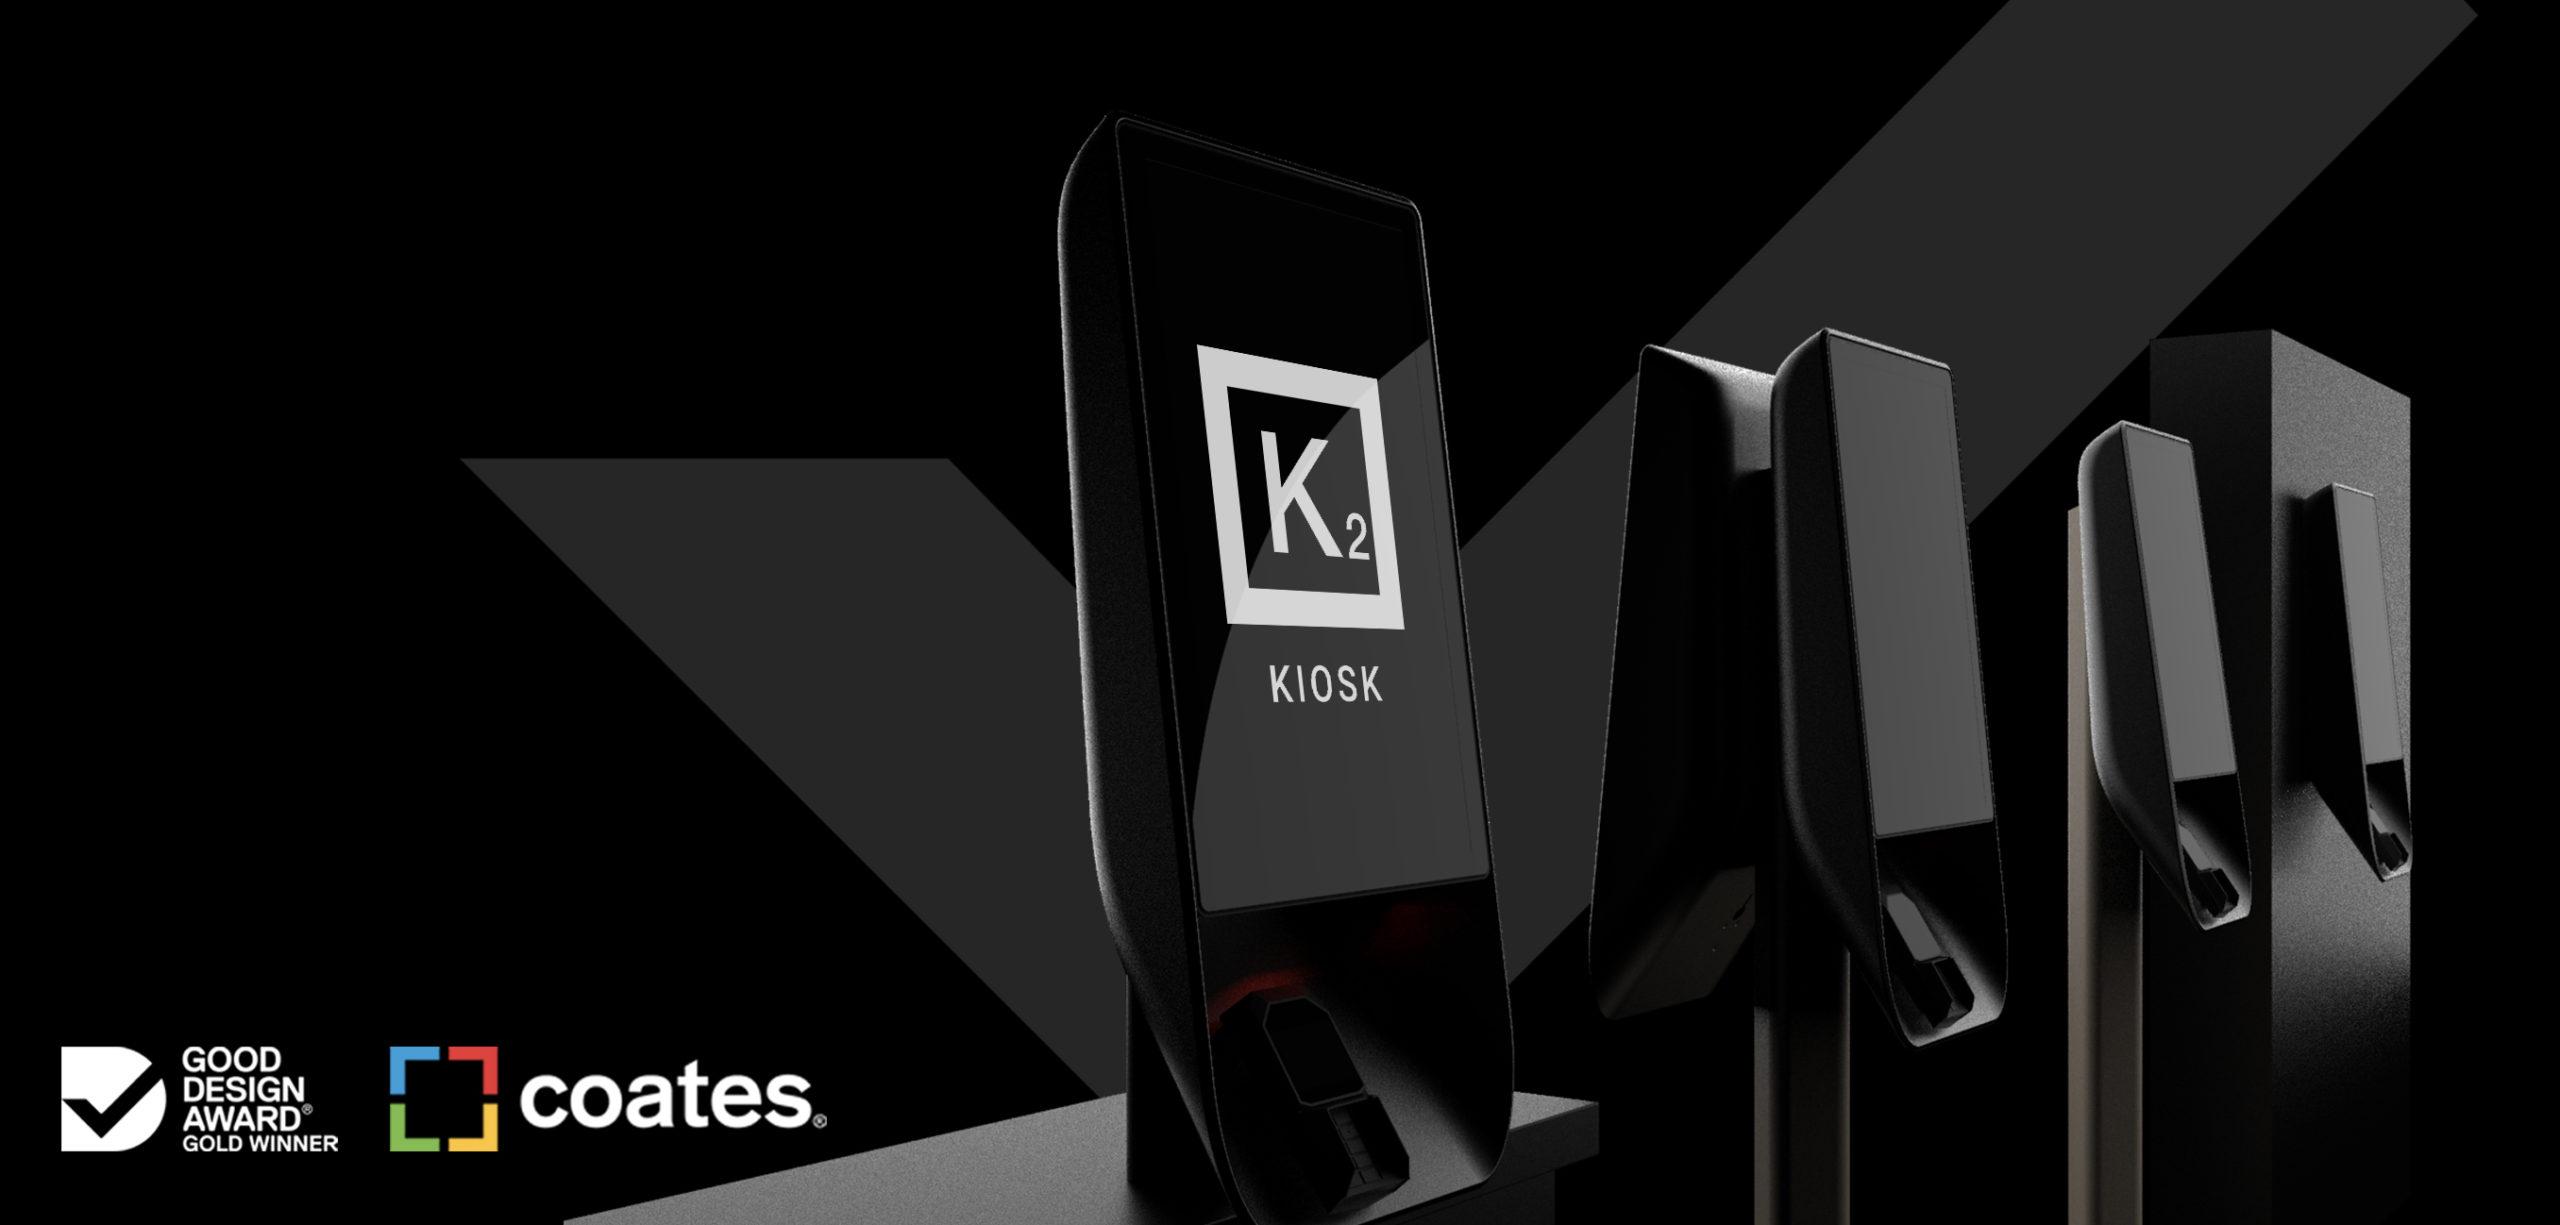 K2 Wins Good Design Awards Gold Accolade